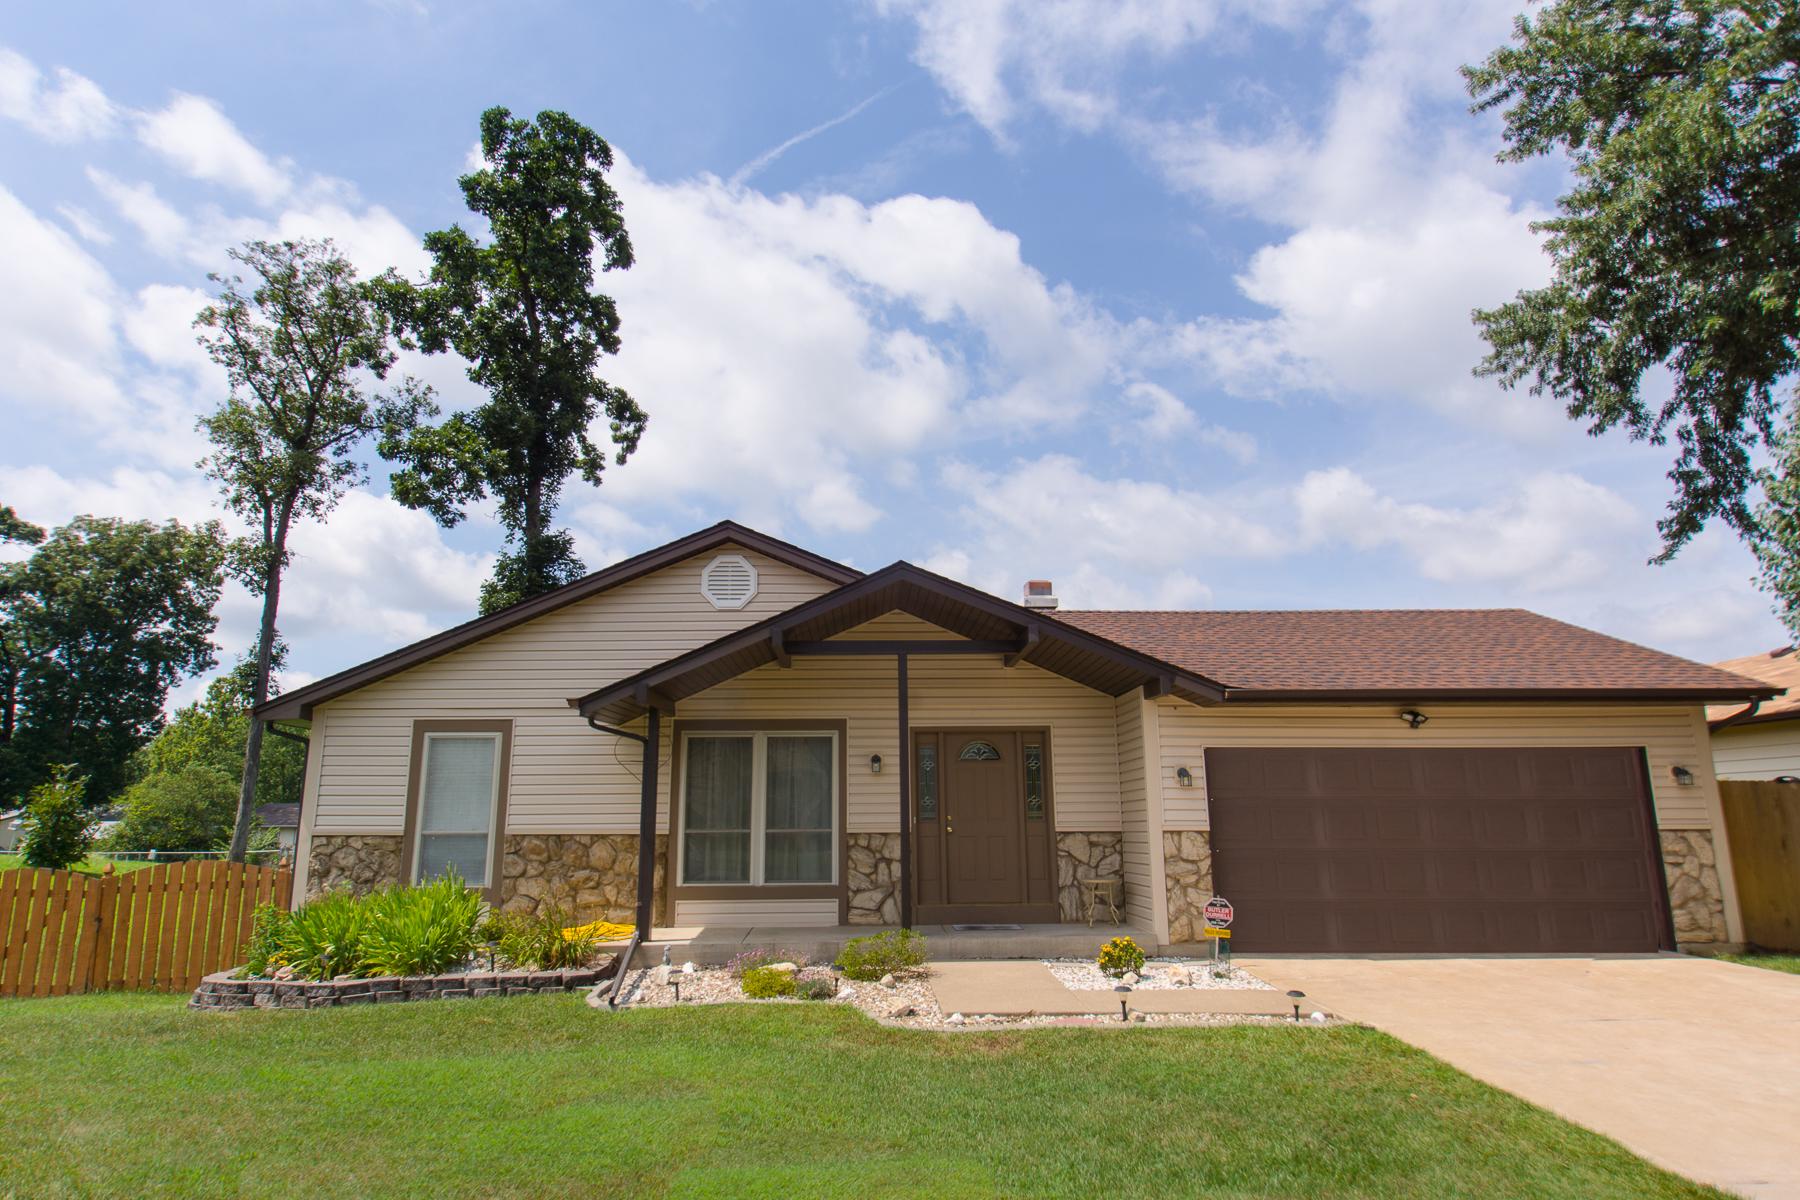 단독 가정 주택 용 매매 에 Chippewa 4637 Chippewa St. Charles, 미주리 63304 미국